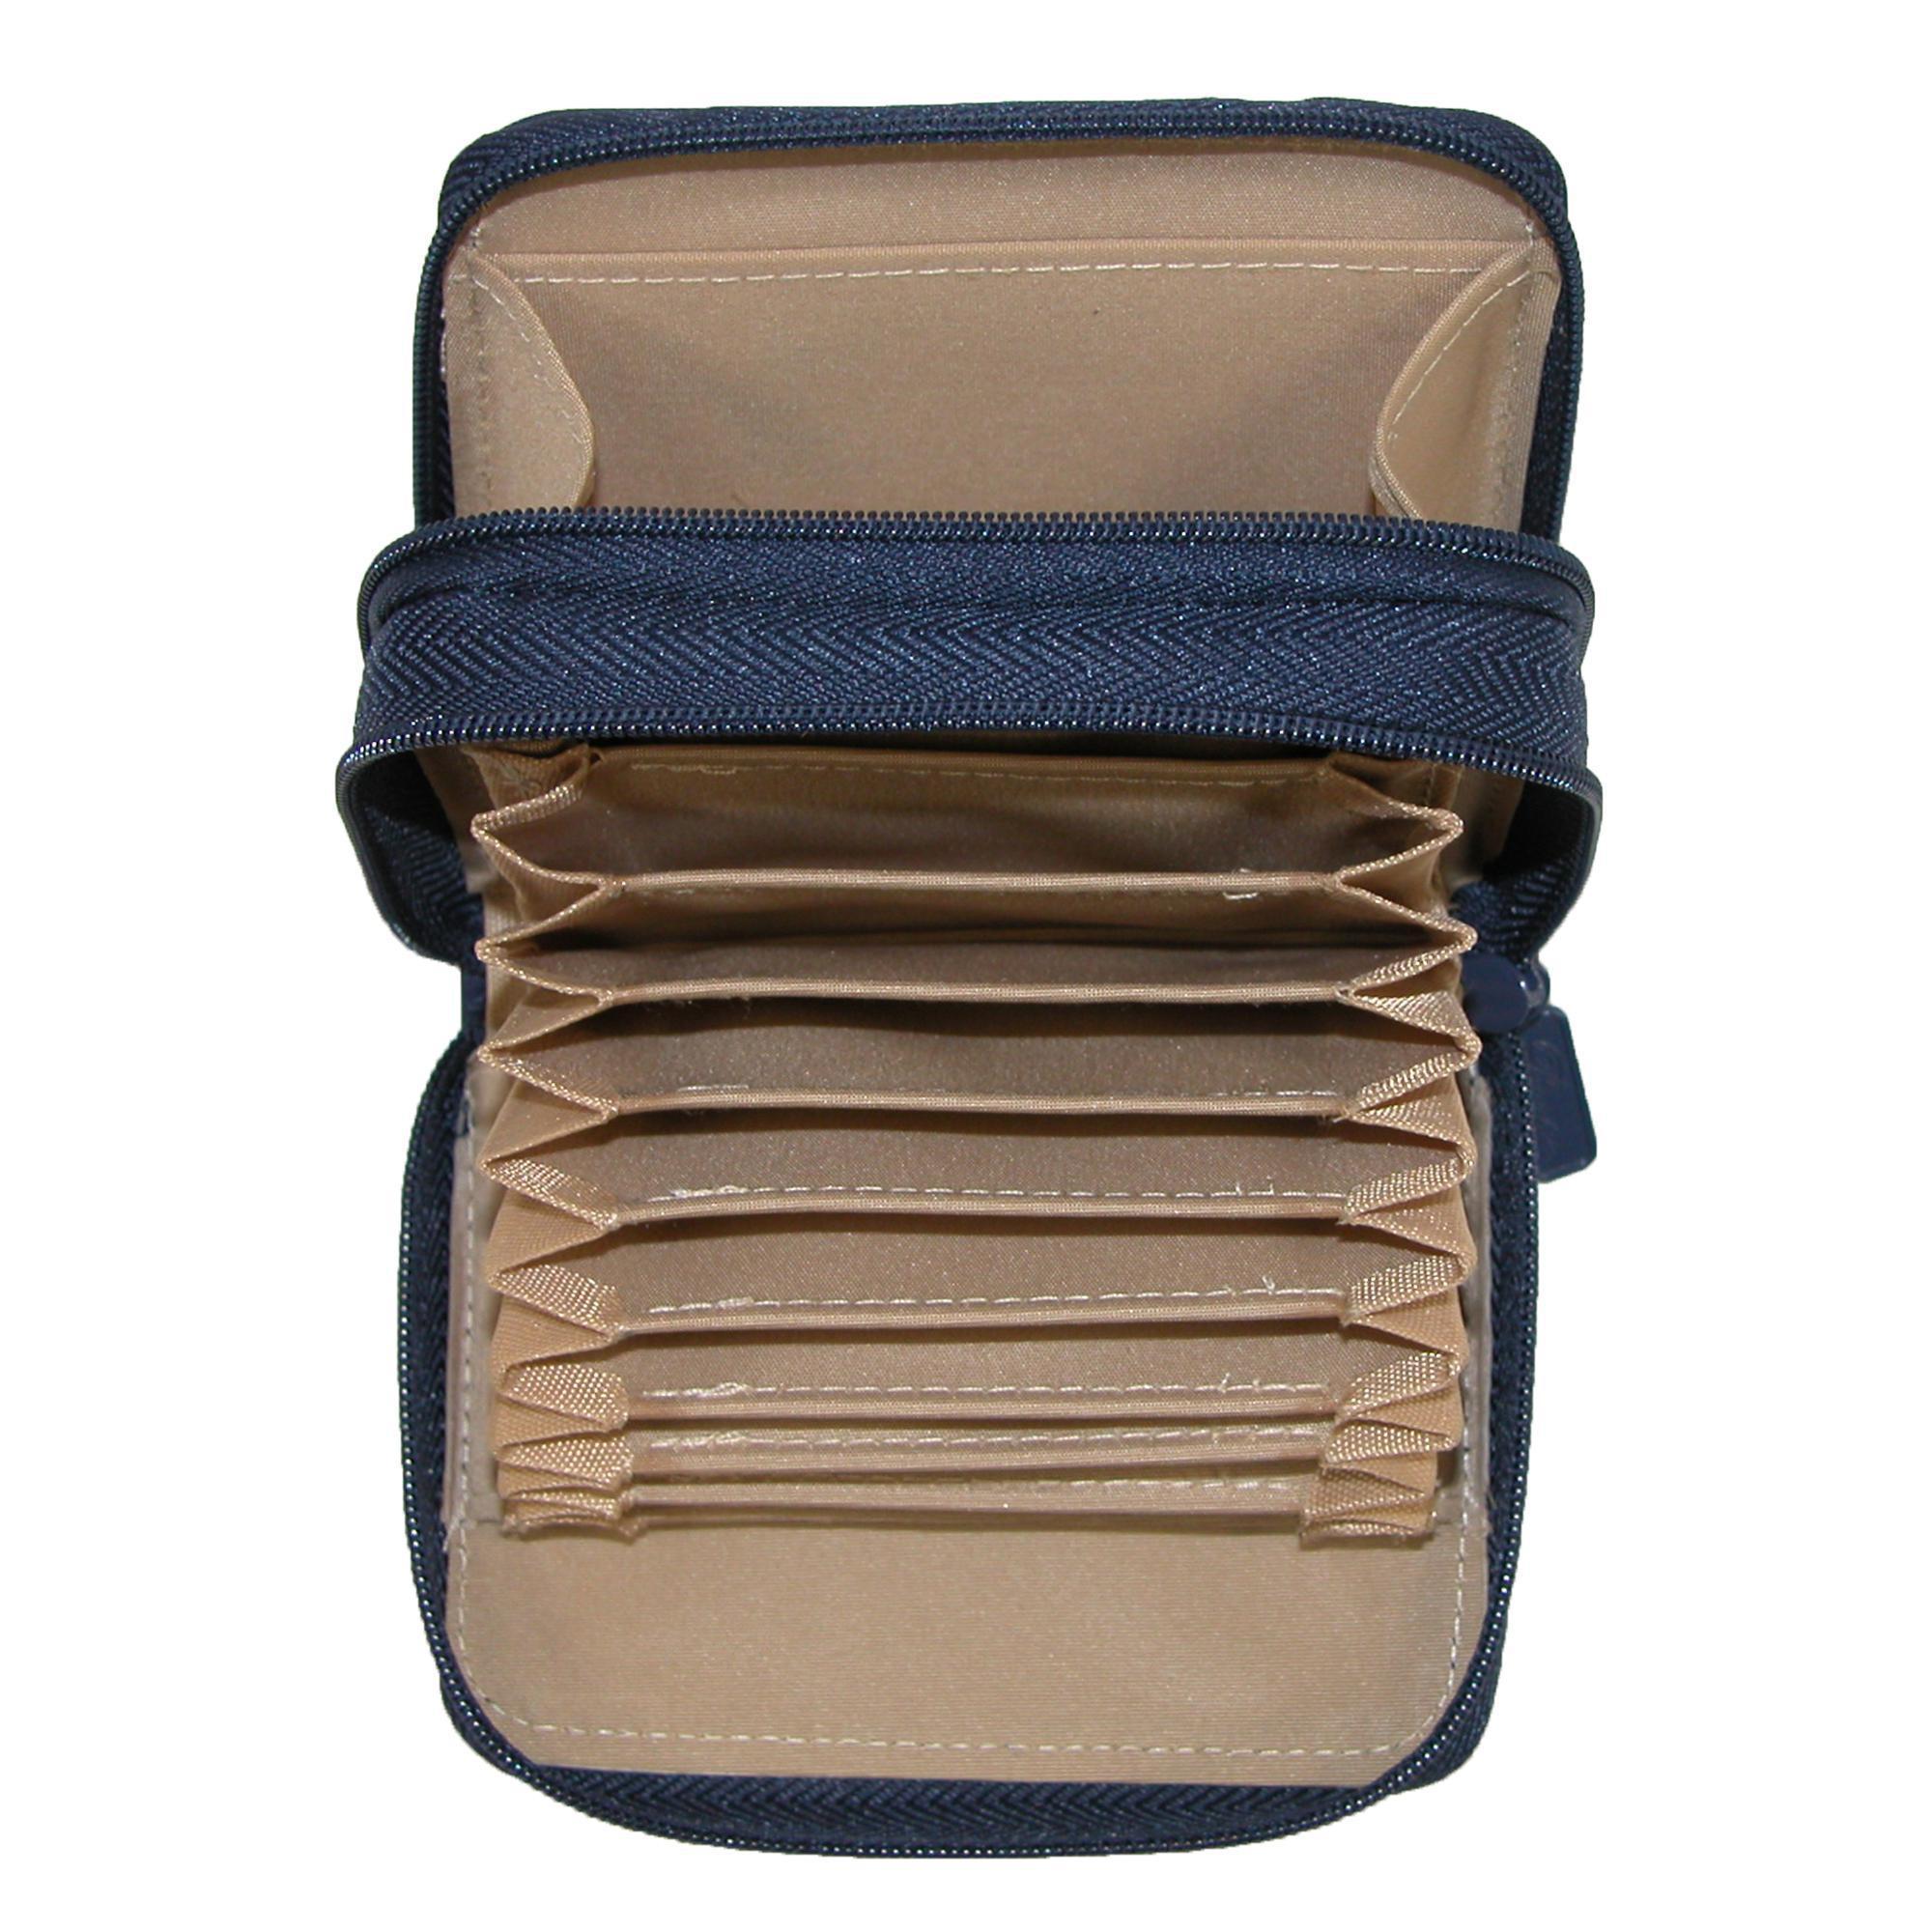 New-Buxton-Women-039-s-Leather-Mini-Accordion-Wizard-Wallet thumbnail 15